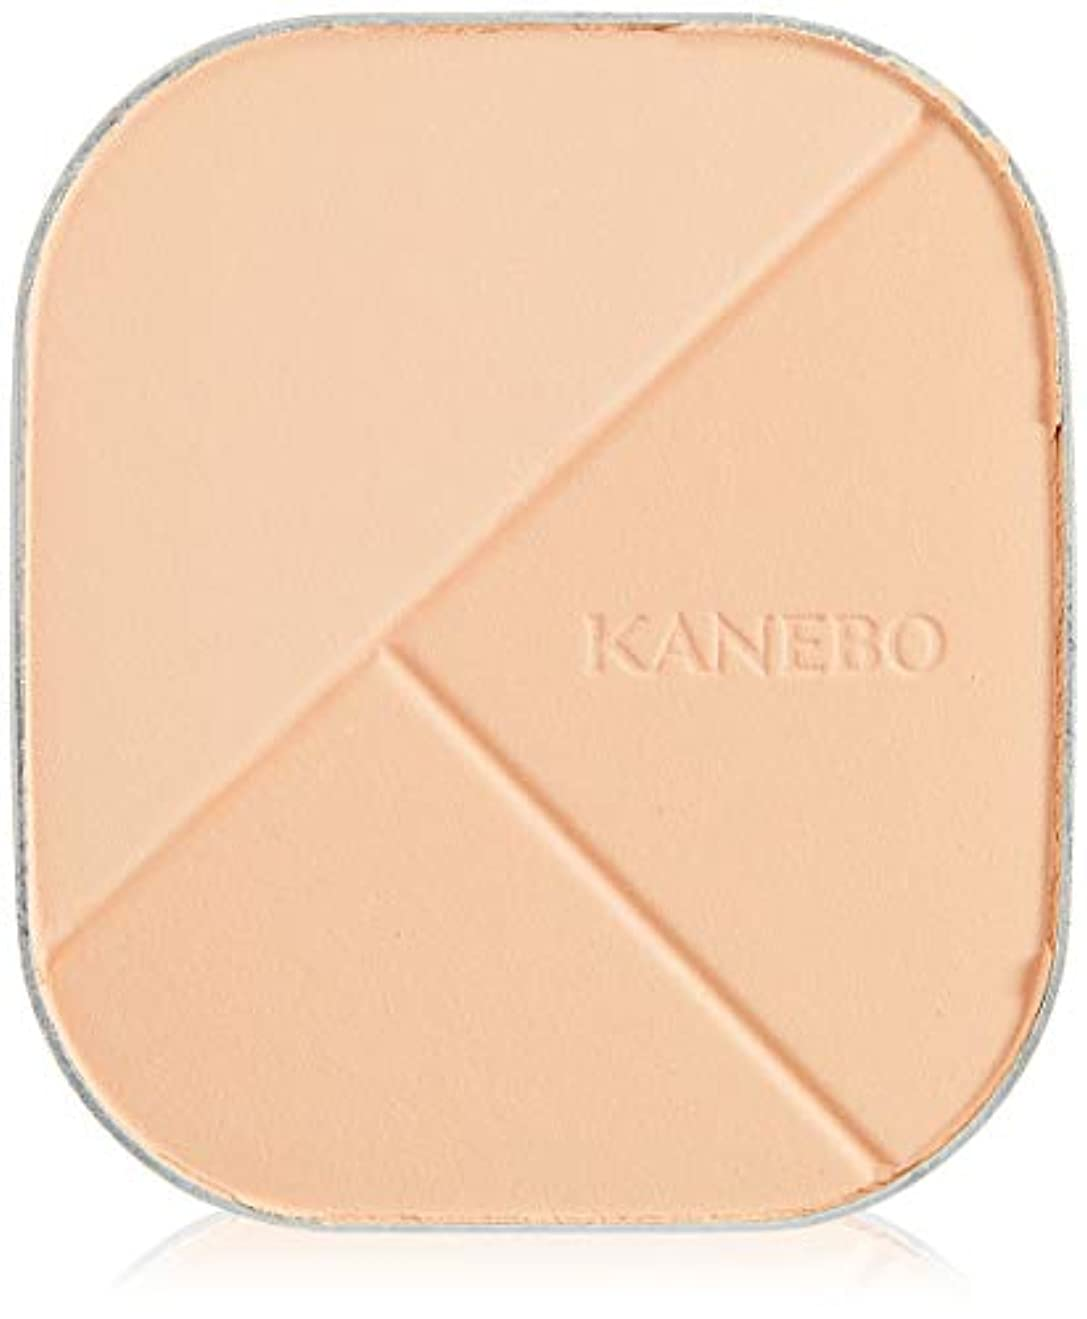 驚いた材料剛性KANEBO(カネボウ) カネボウ デュアルラディアンスファンデーション オークルC SPF15/PA++ ファンデーション(パクト)